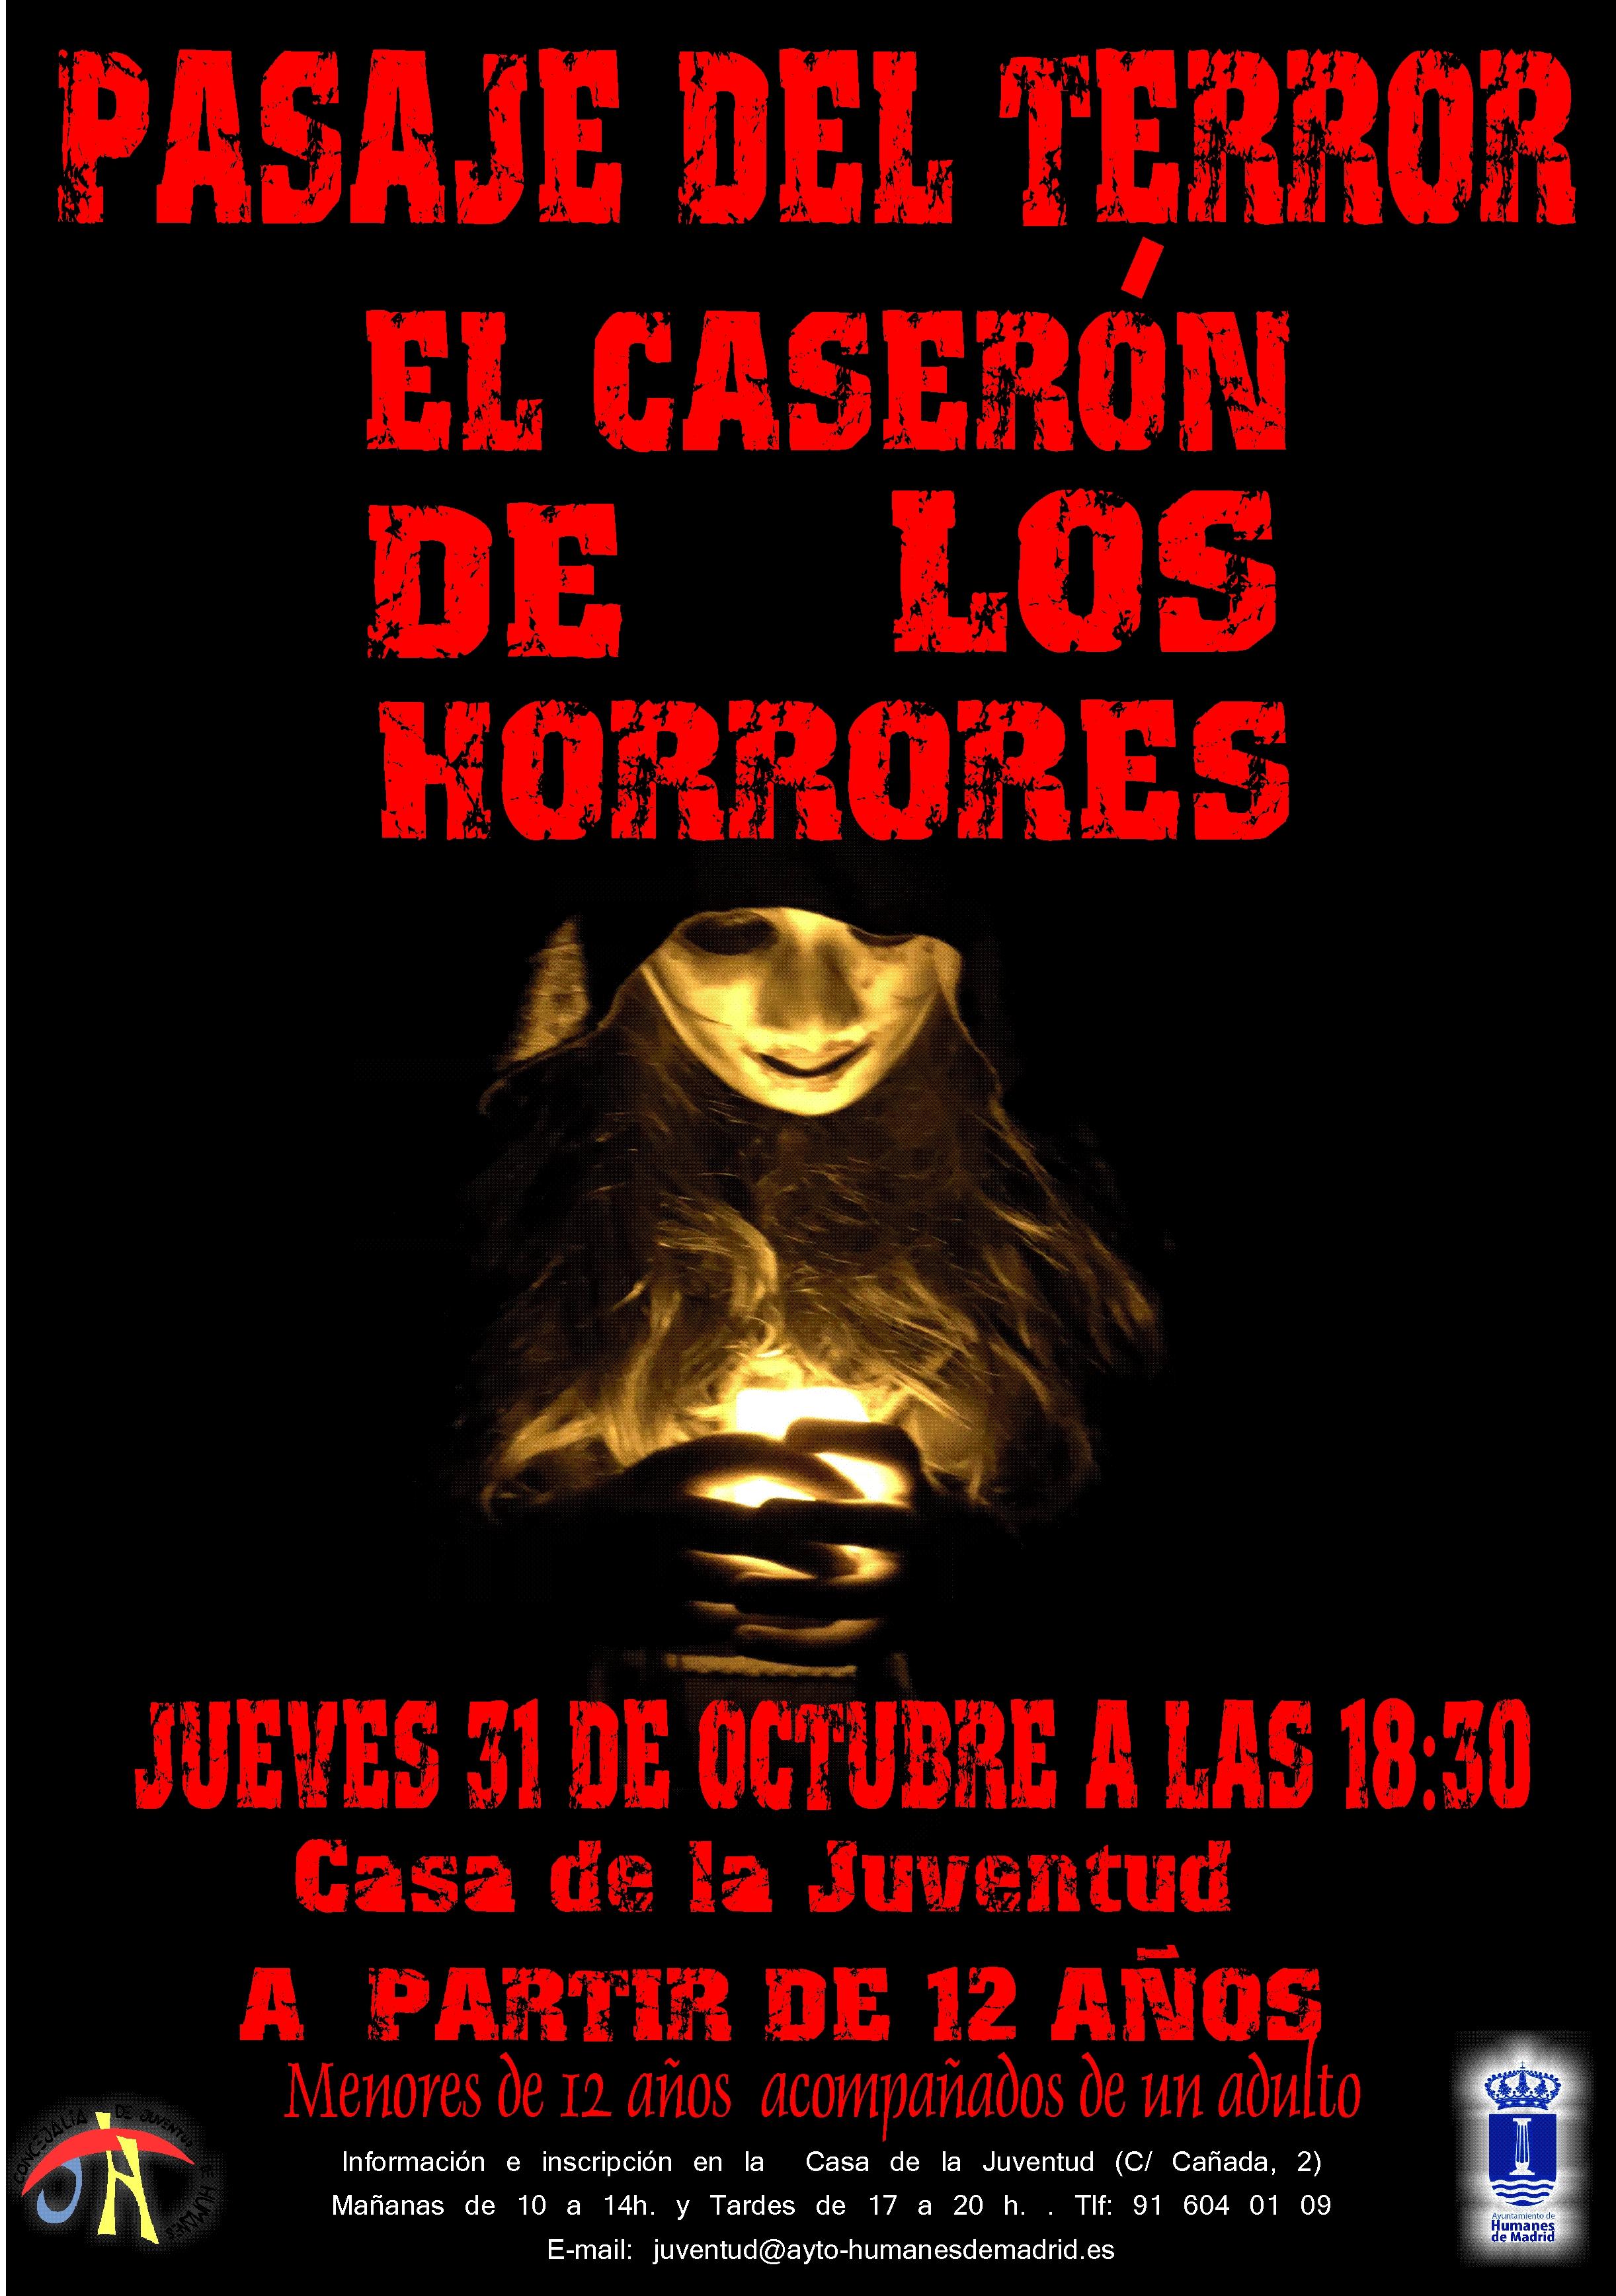 15 figurantes de Humanes de Madrid participan en el Pasaje del Terror: «El Caserón de los Horrores».